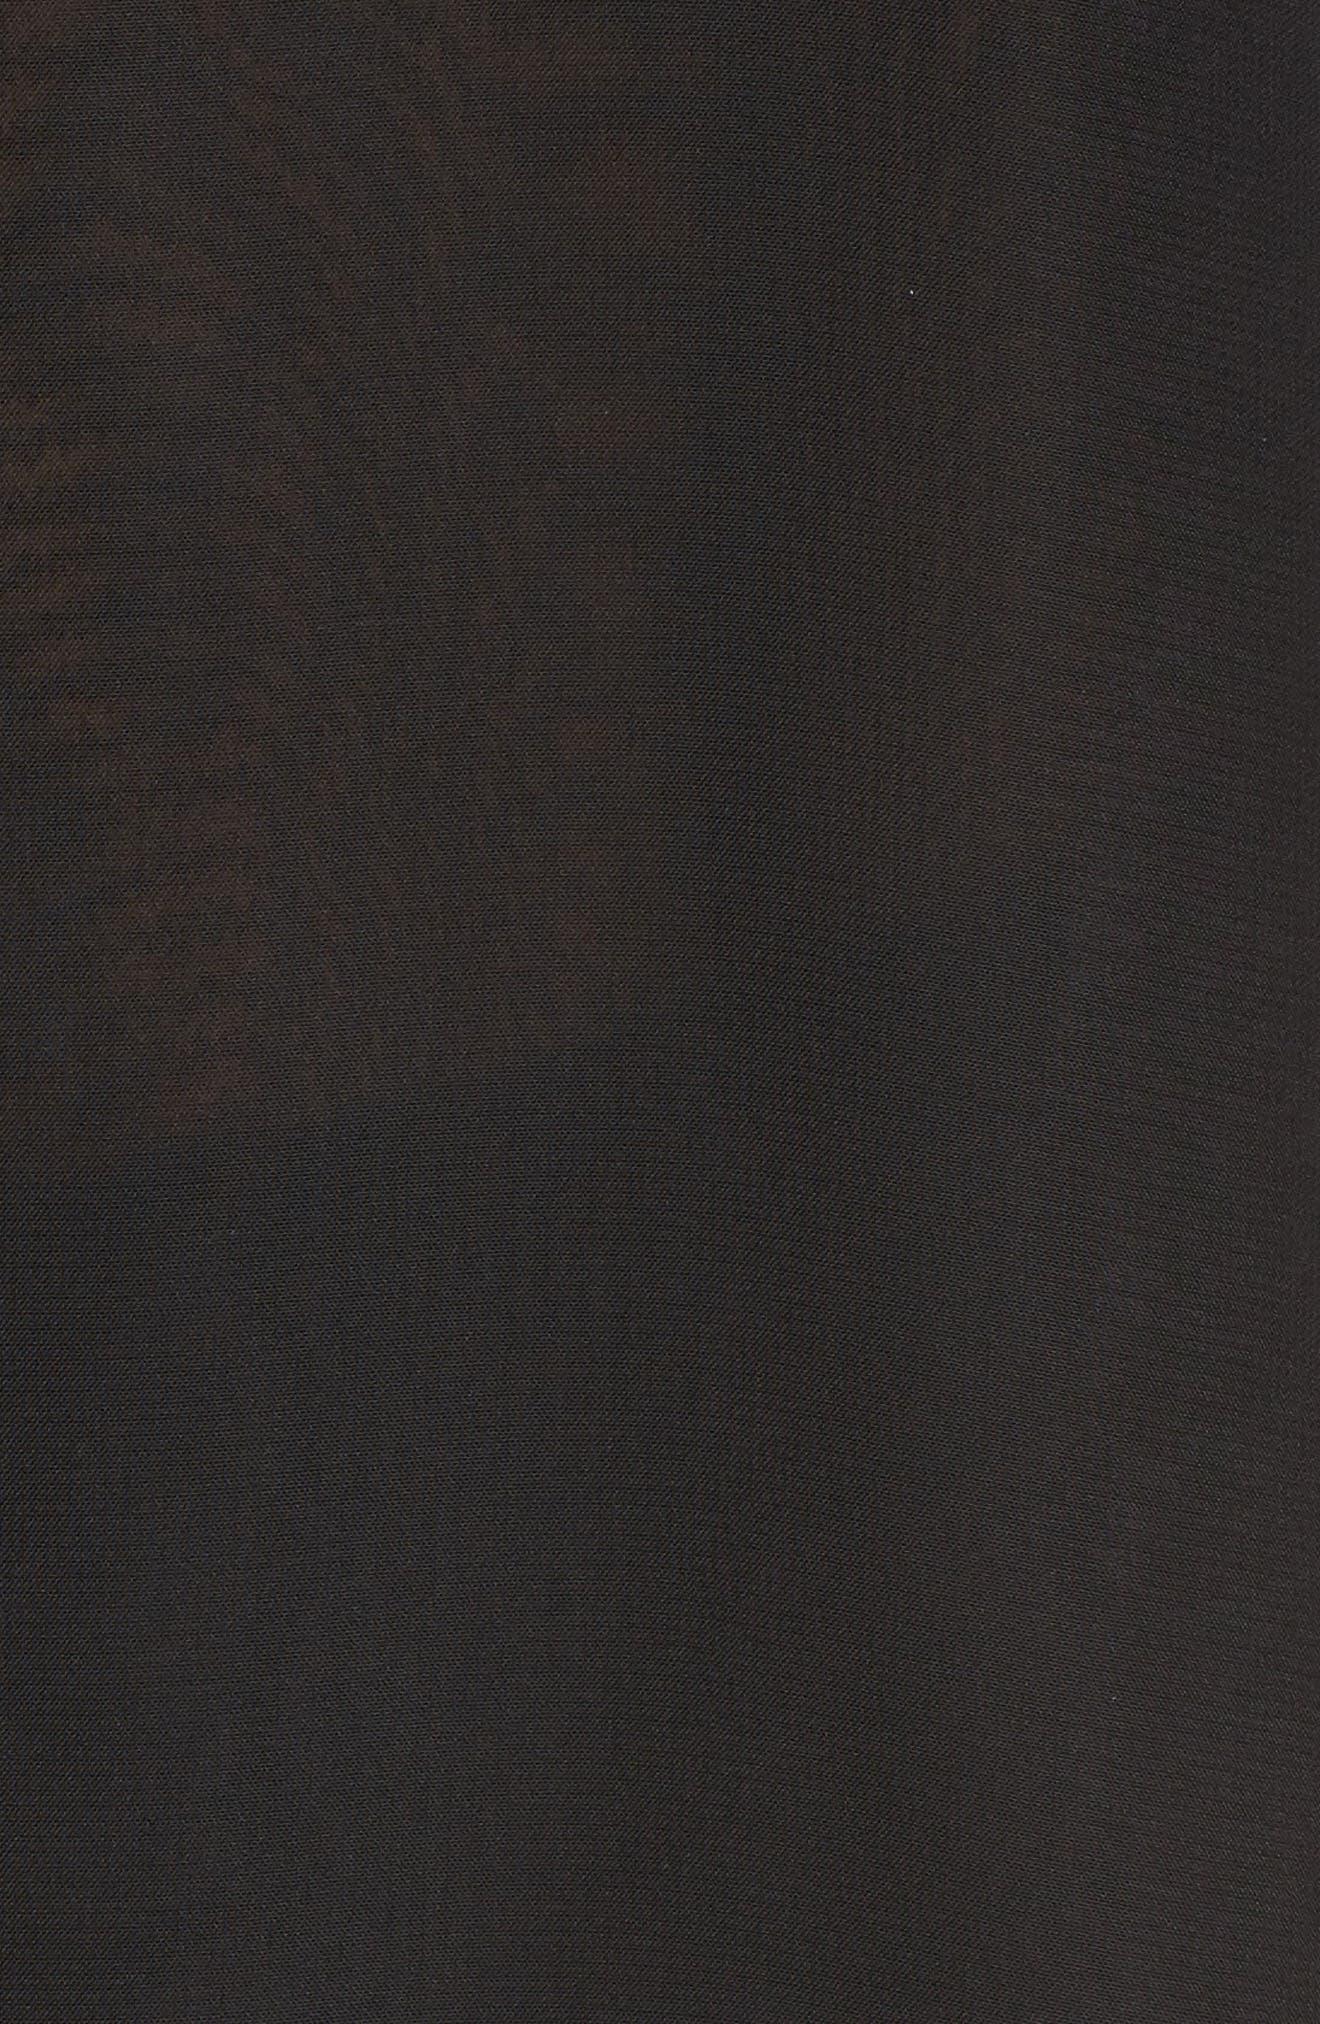 Lace Yoke Blouse,                             Alternate thumbnail 5, color,                             013